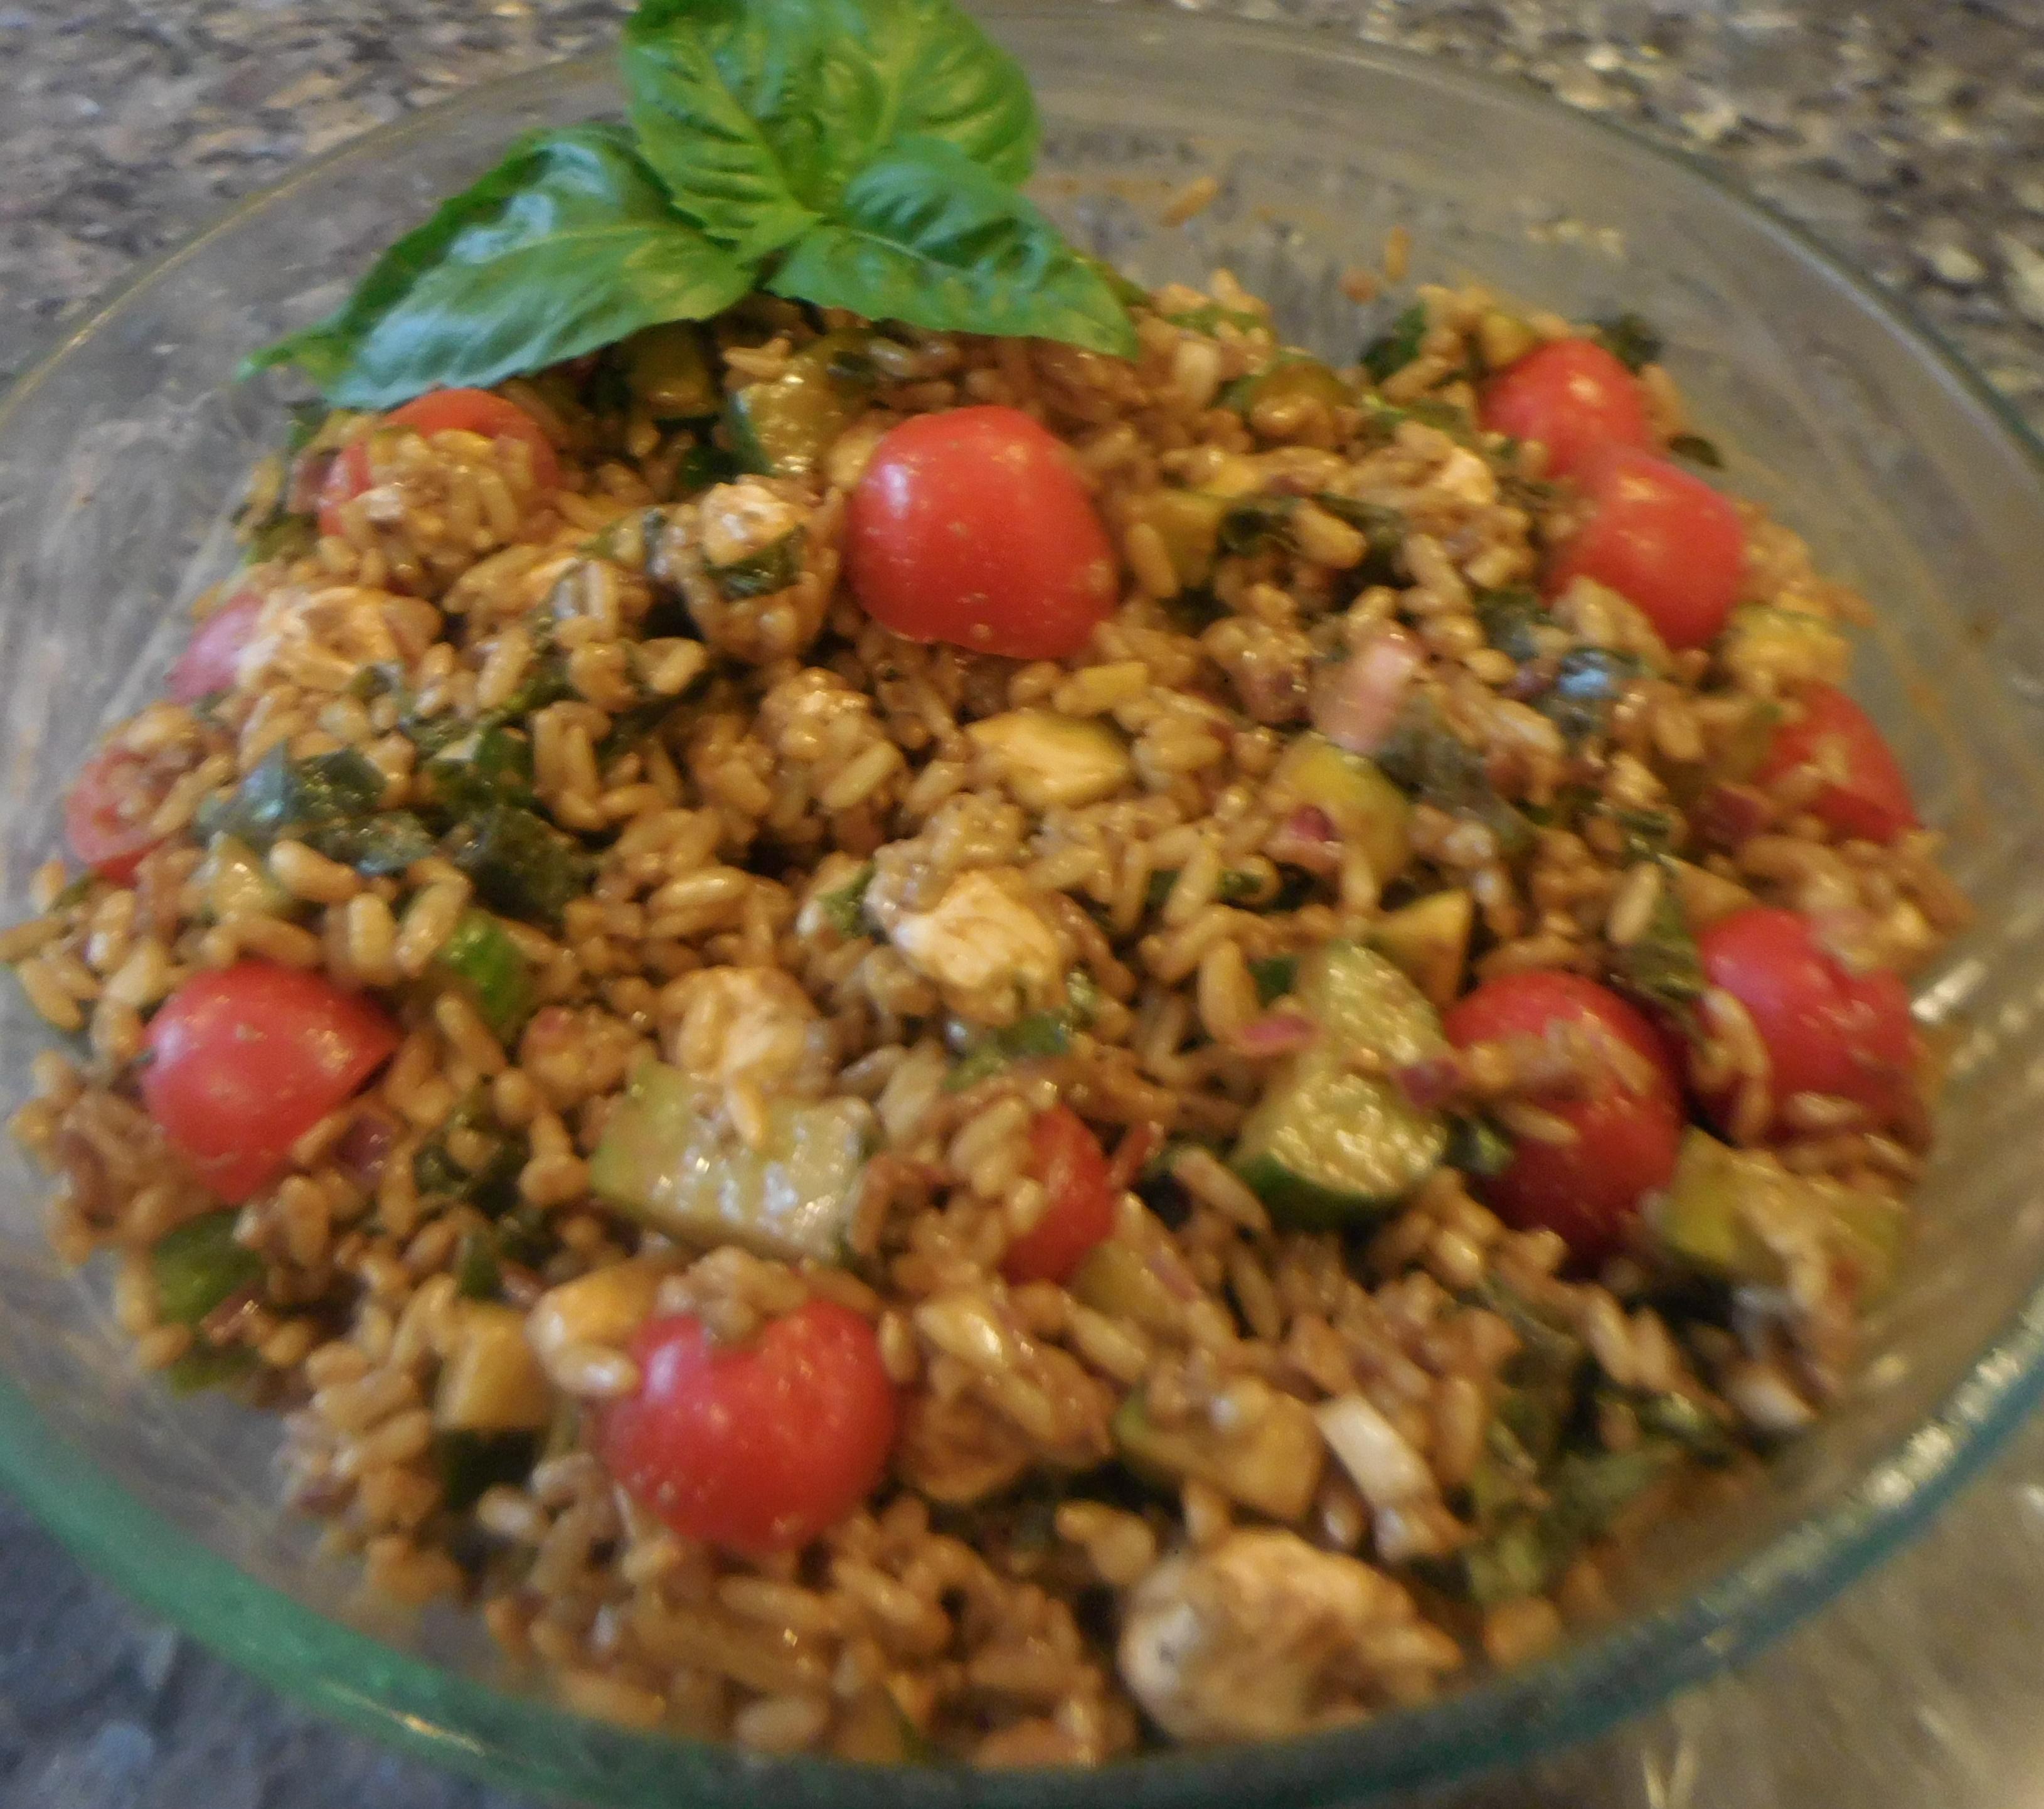 Summer Mixed Grain Salad Recipe - Quick Cooking